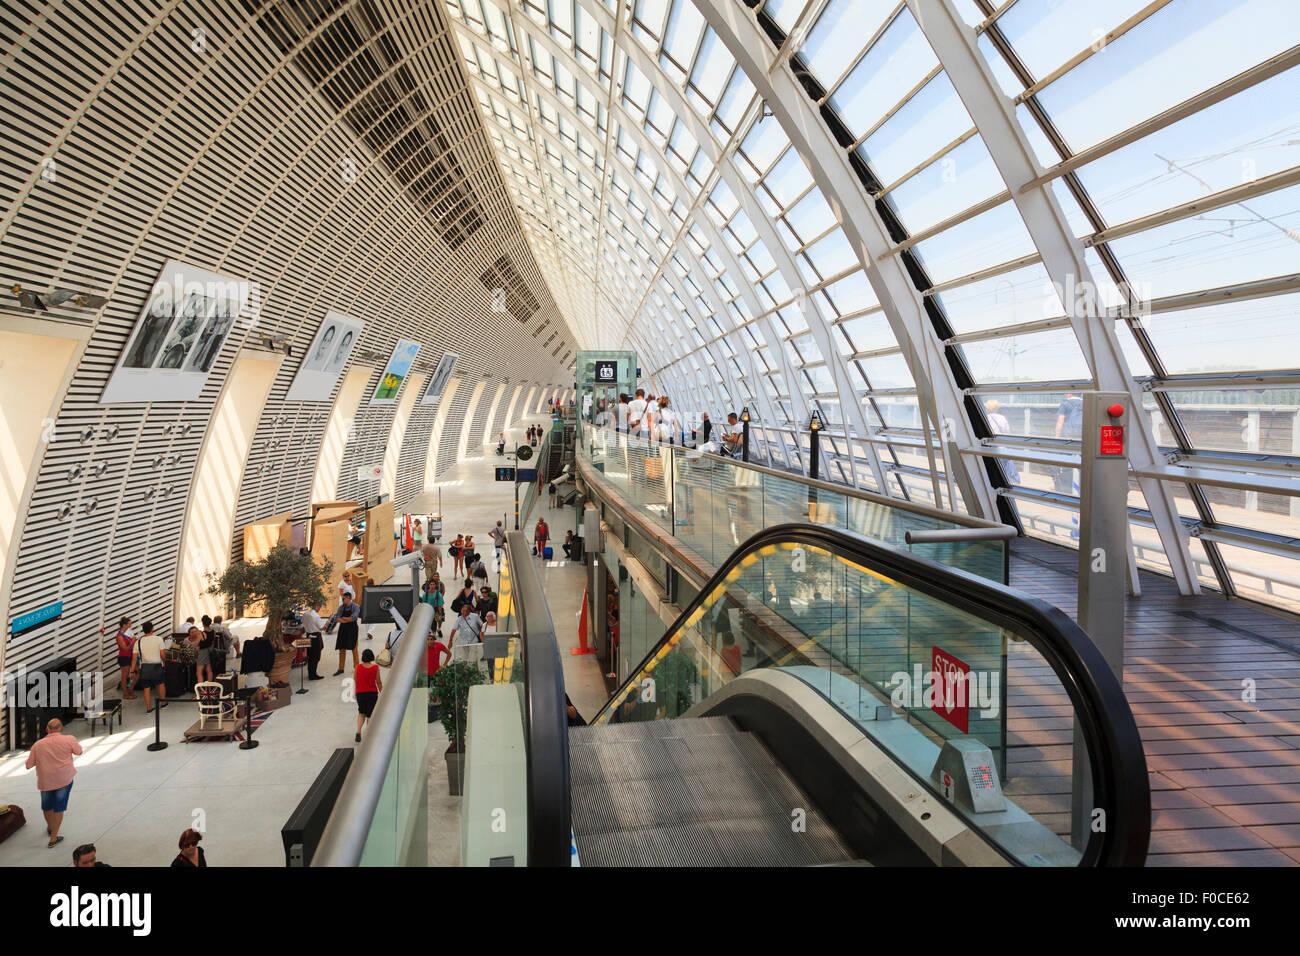 Rolltreppe in der modernen Architektur Avignon TGV Bahnhof Stockbild